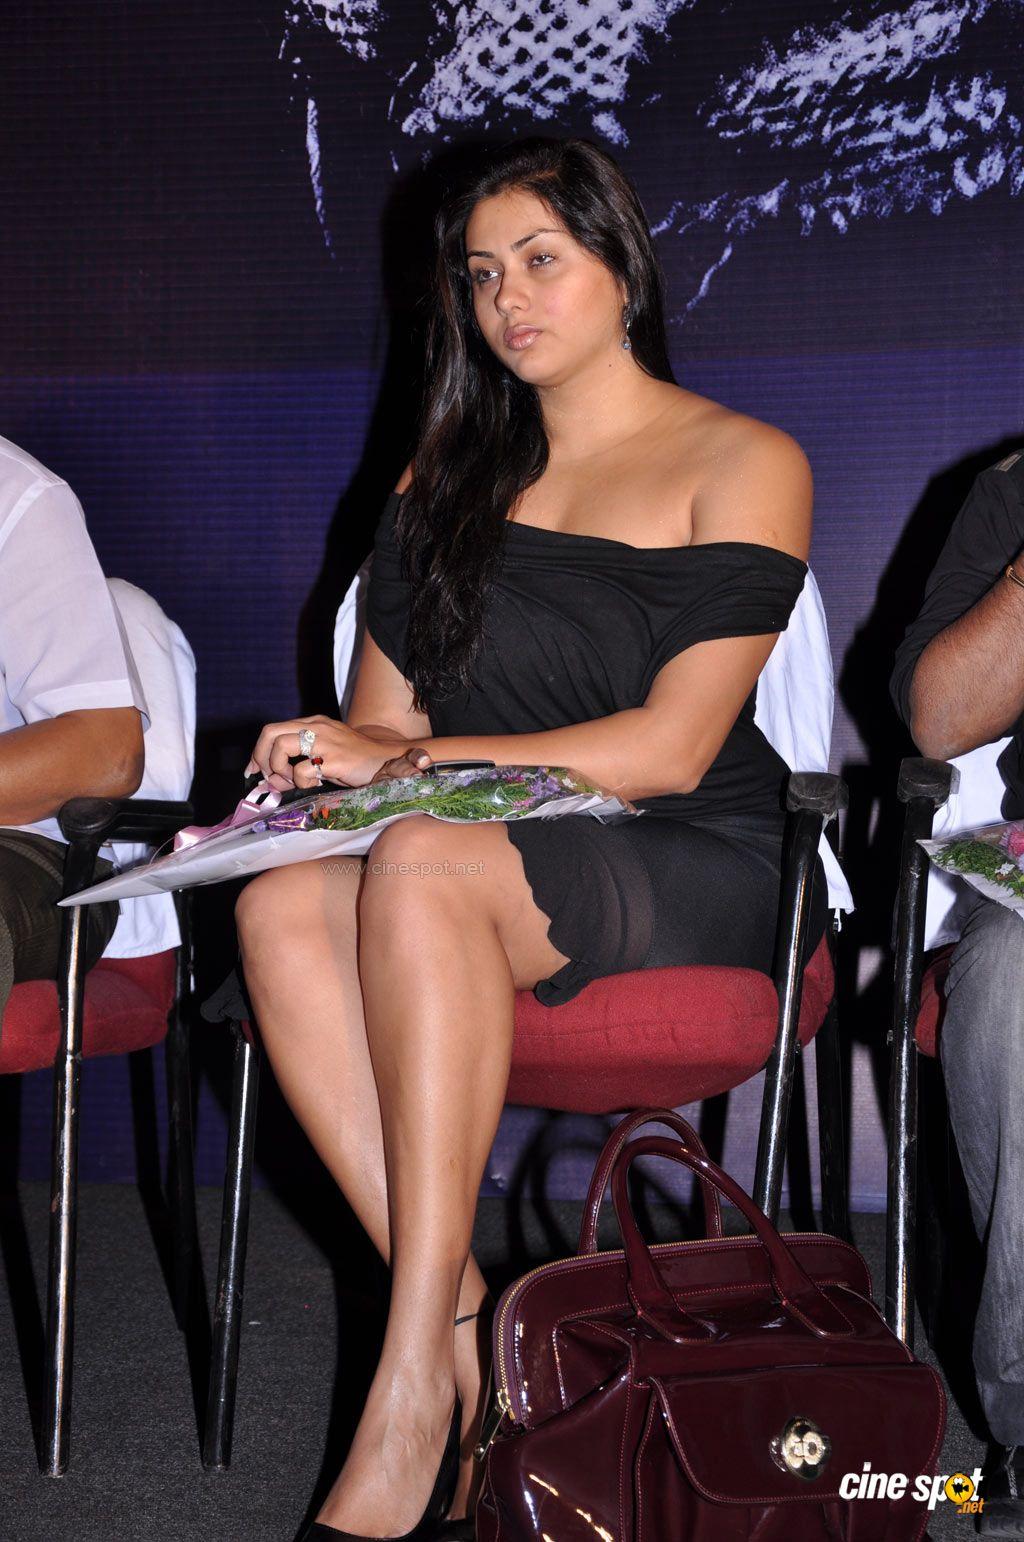 Film Actress Photos Namitha Hot Boobs And Creamy Thigh Show-3466